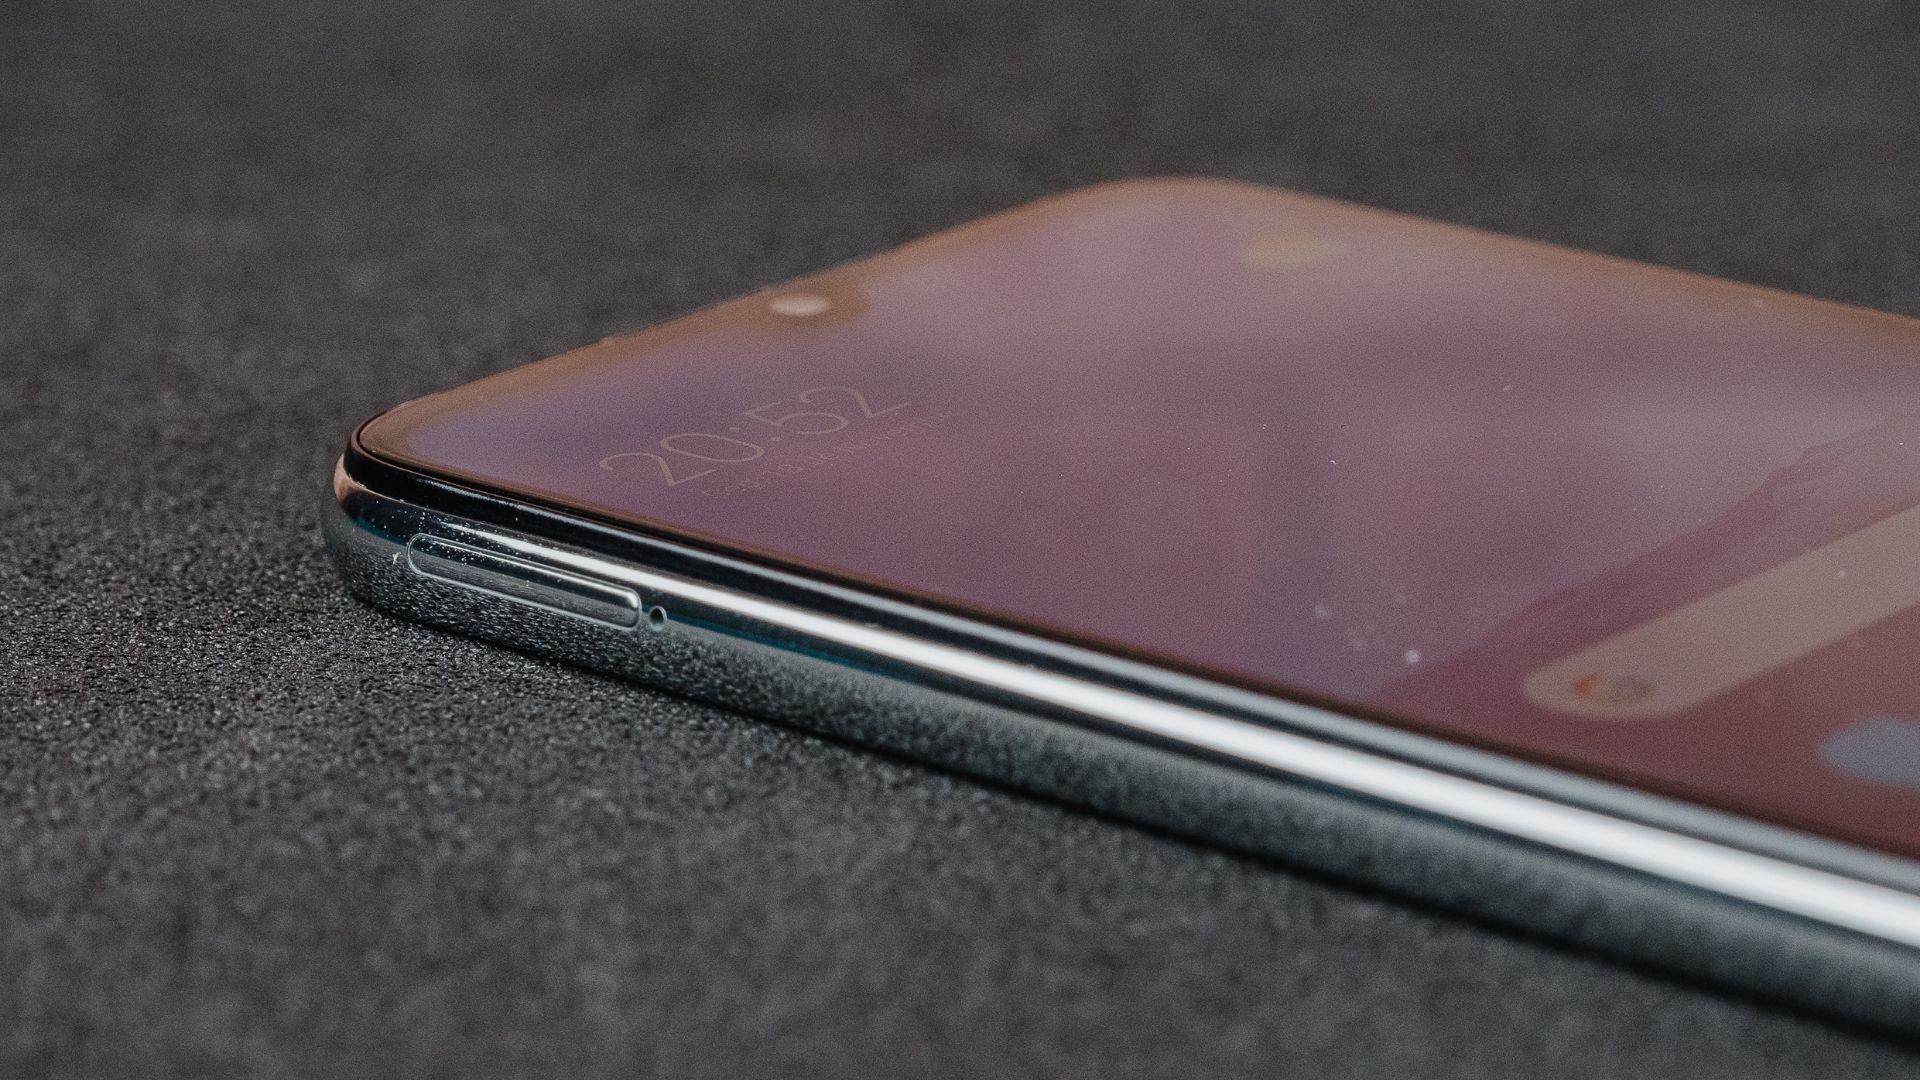 Detalhe da entrada para chip e cartão de memória do Redmi Note 8 (Foto: Zoom)